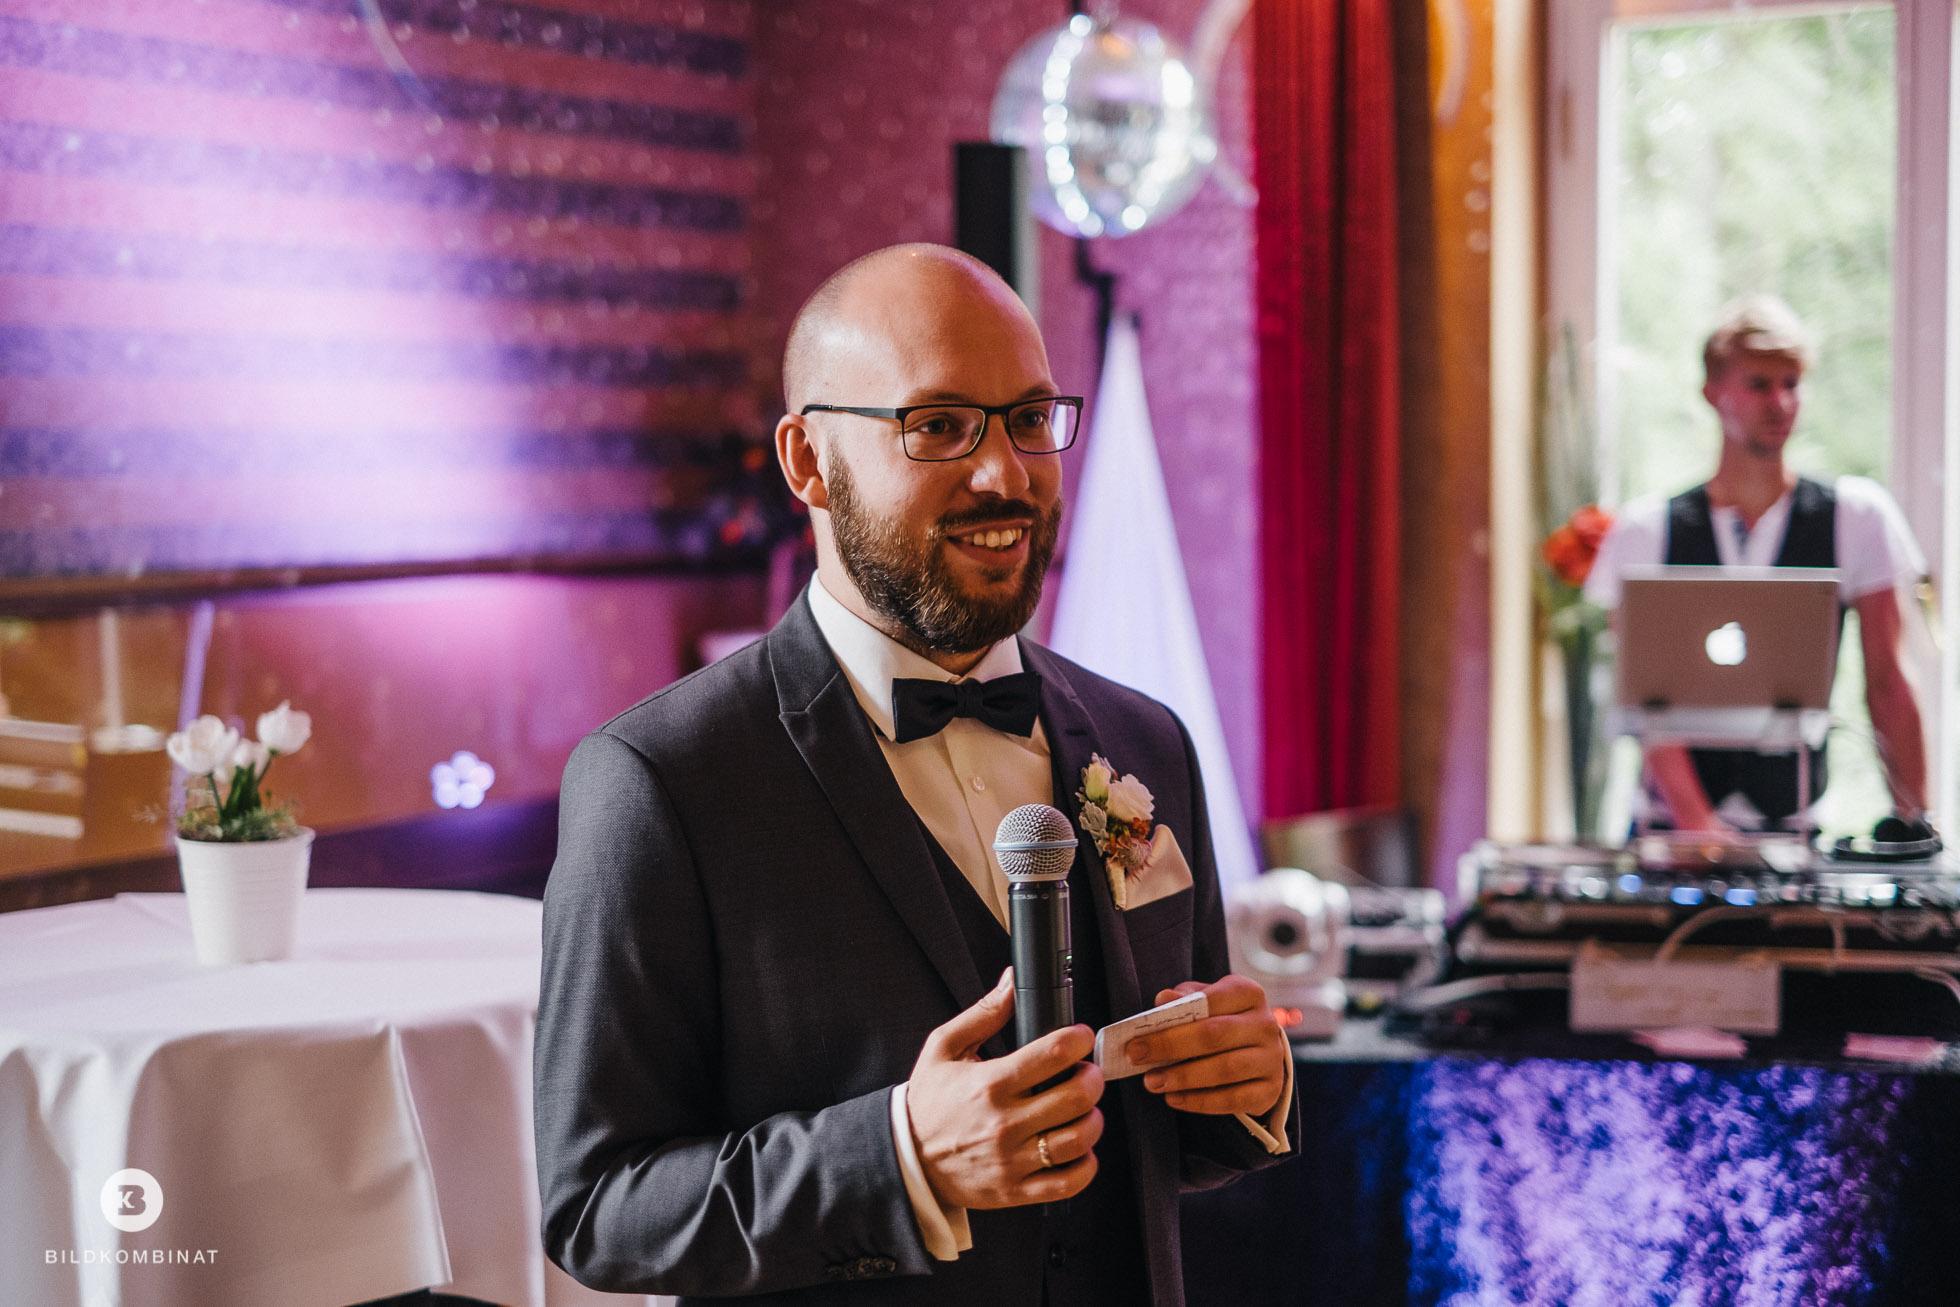 Hochzeitsrede vom Bräutigam